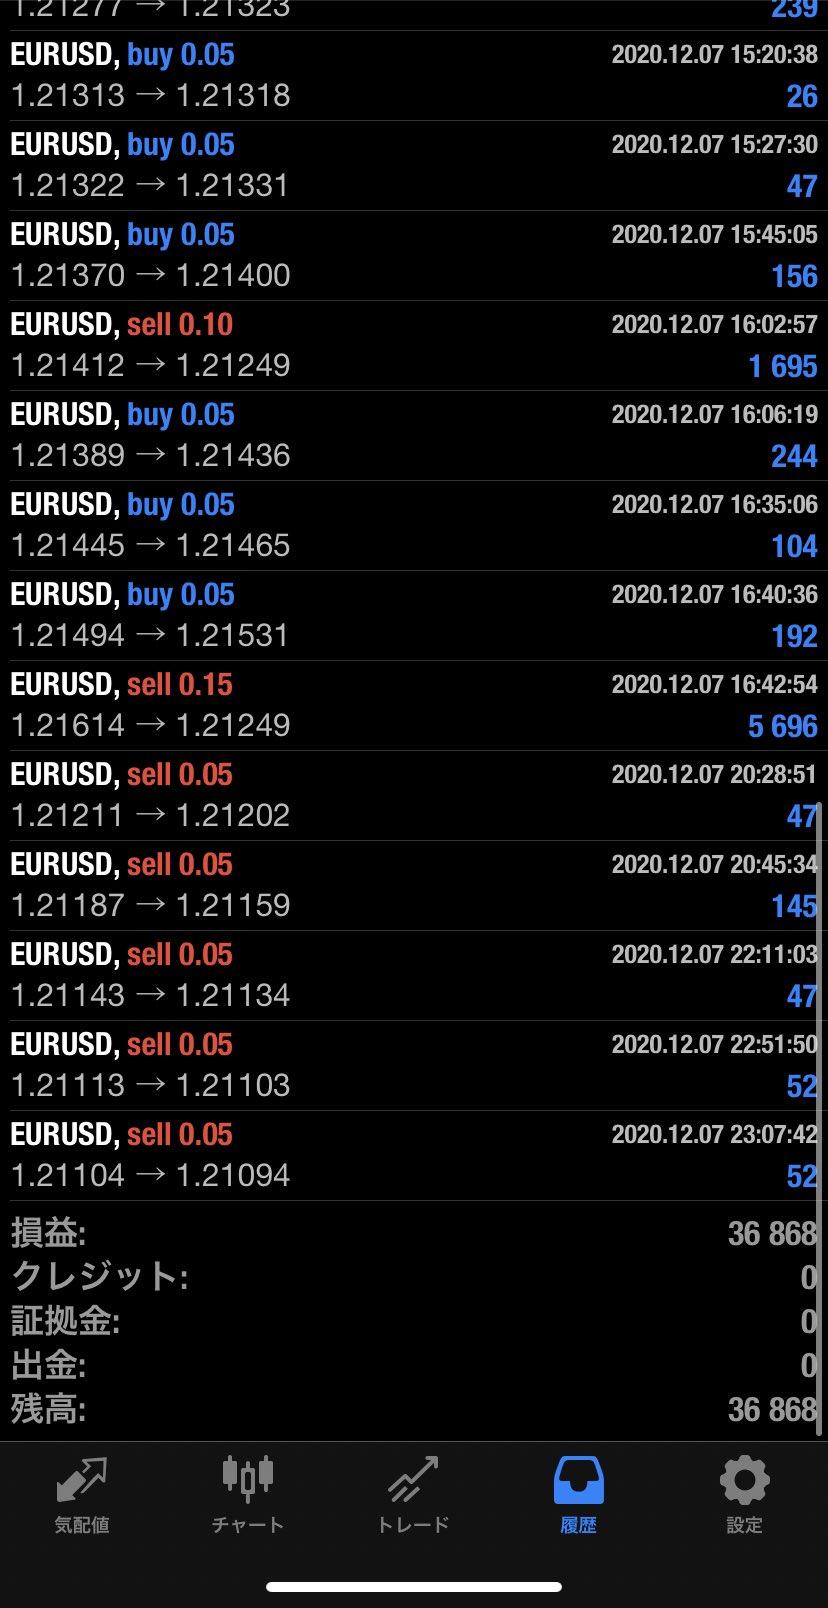 2020年12月7日 EUR/USDバージョン36,868円